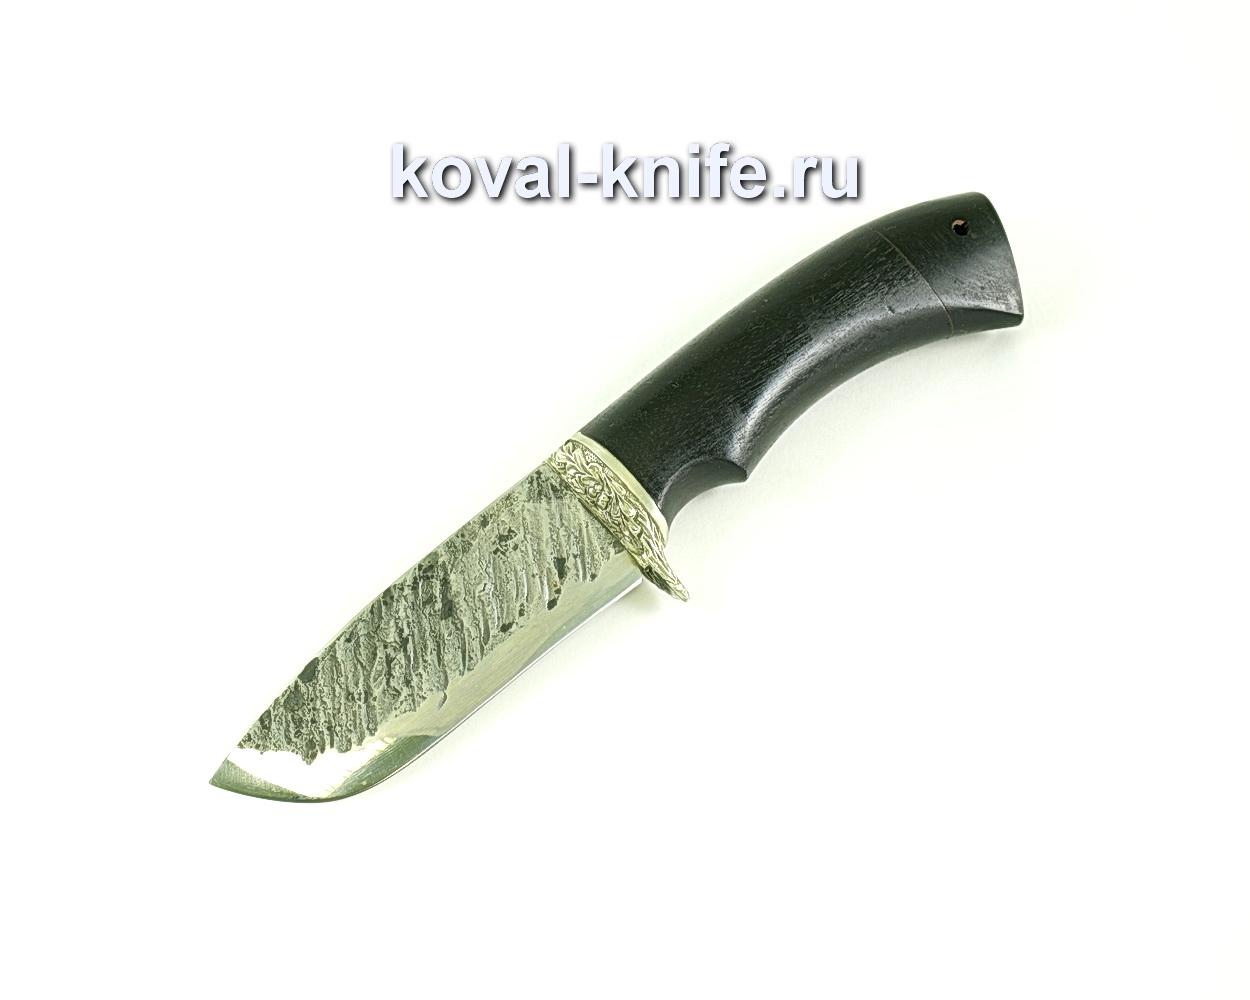 Нож Бобр (сталь 9хс), рукоять граб, литье A106